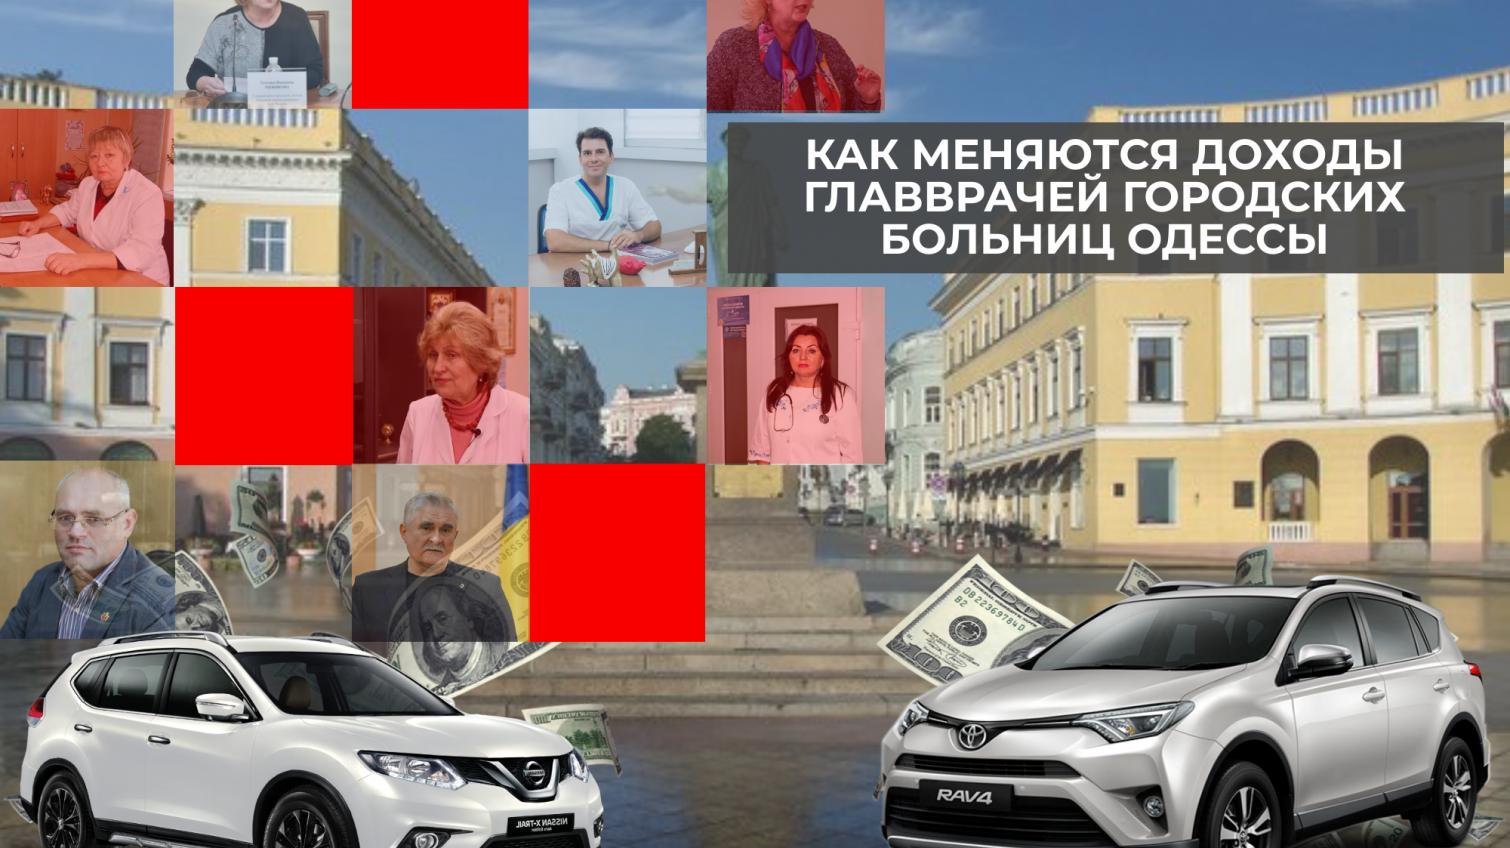 Как зарабатывают главврачи больниц Одессы (инфографика) «фото»